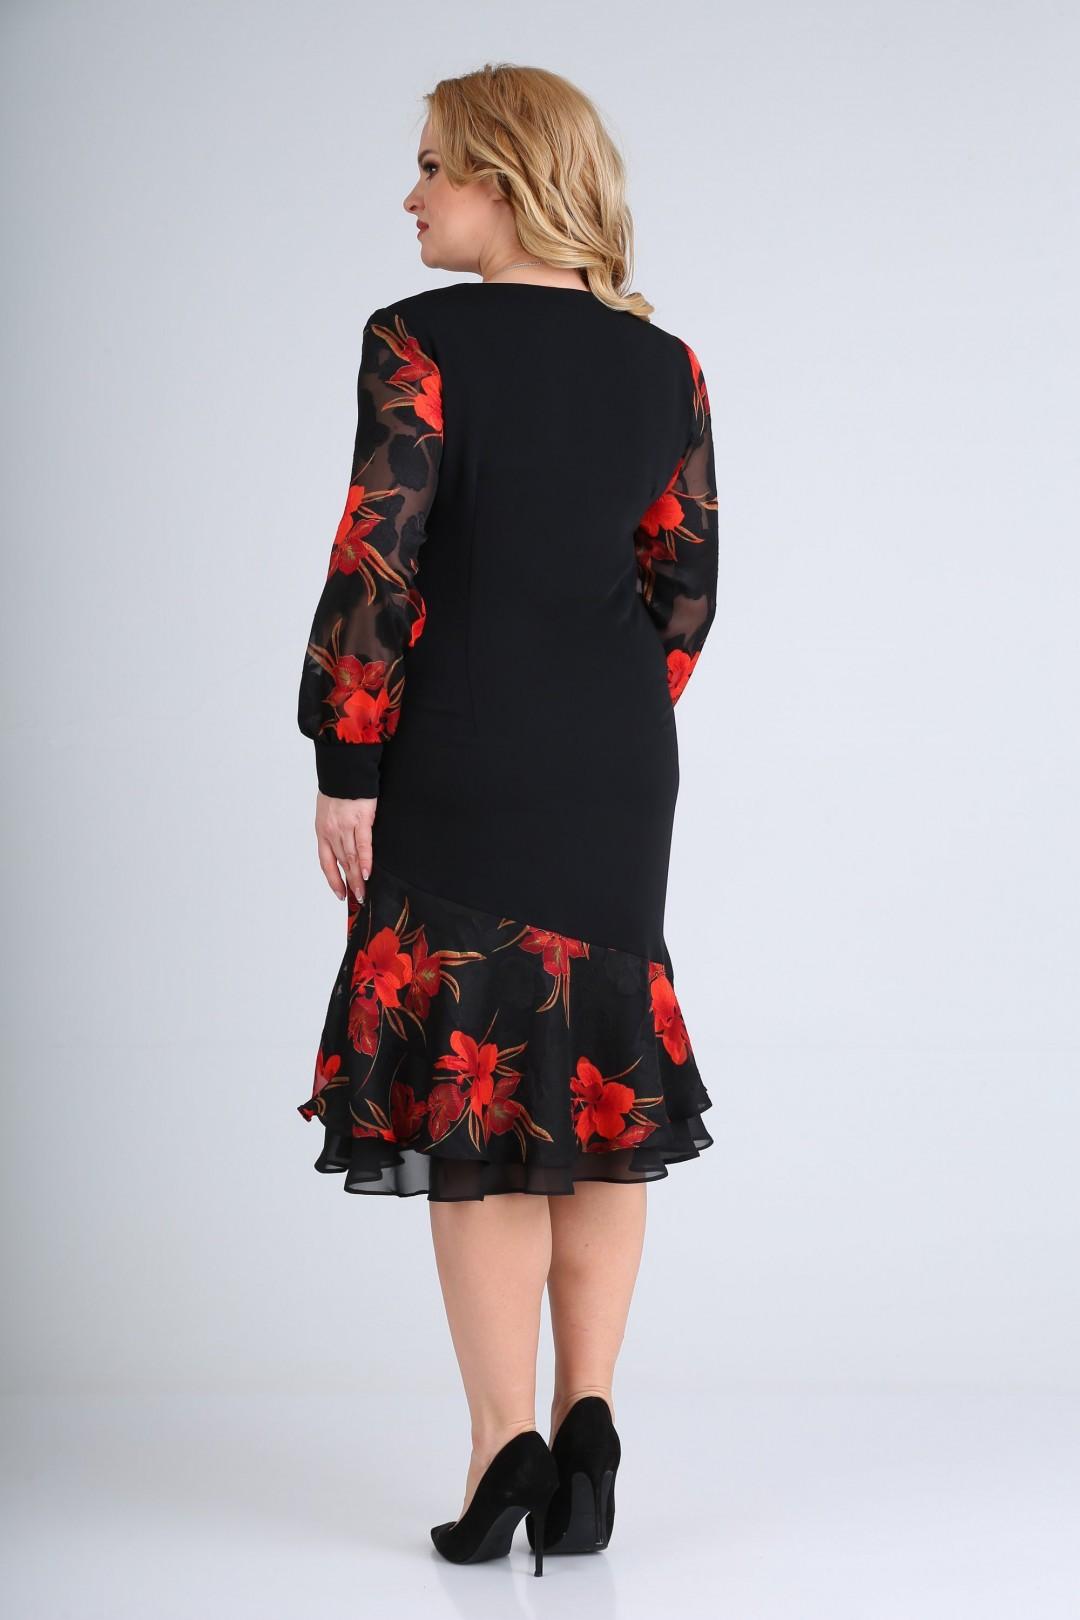 Платье Мода-Версаль 2211 черный красный